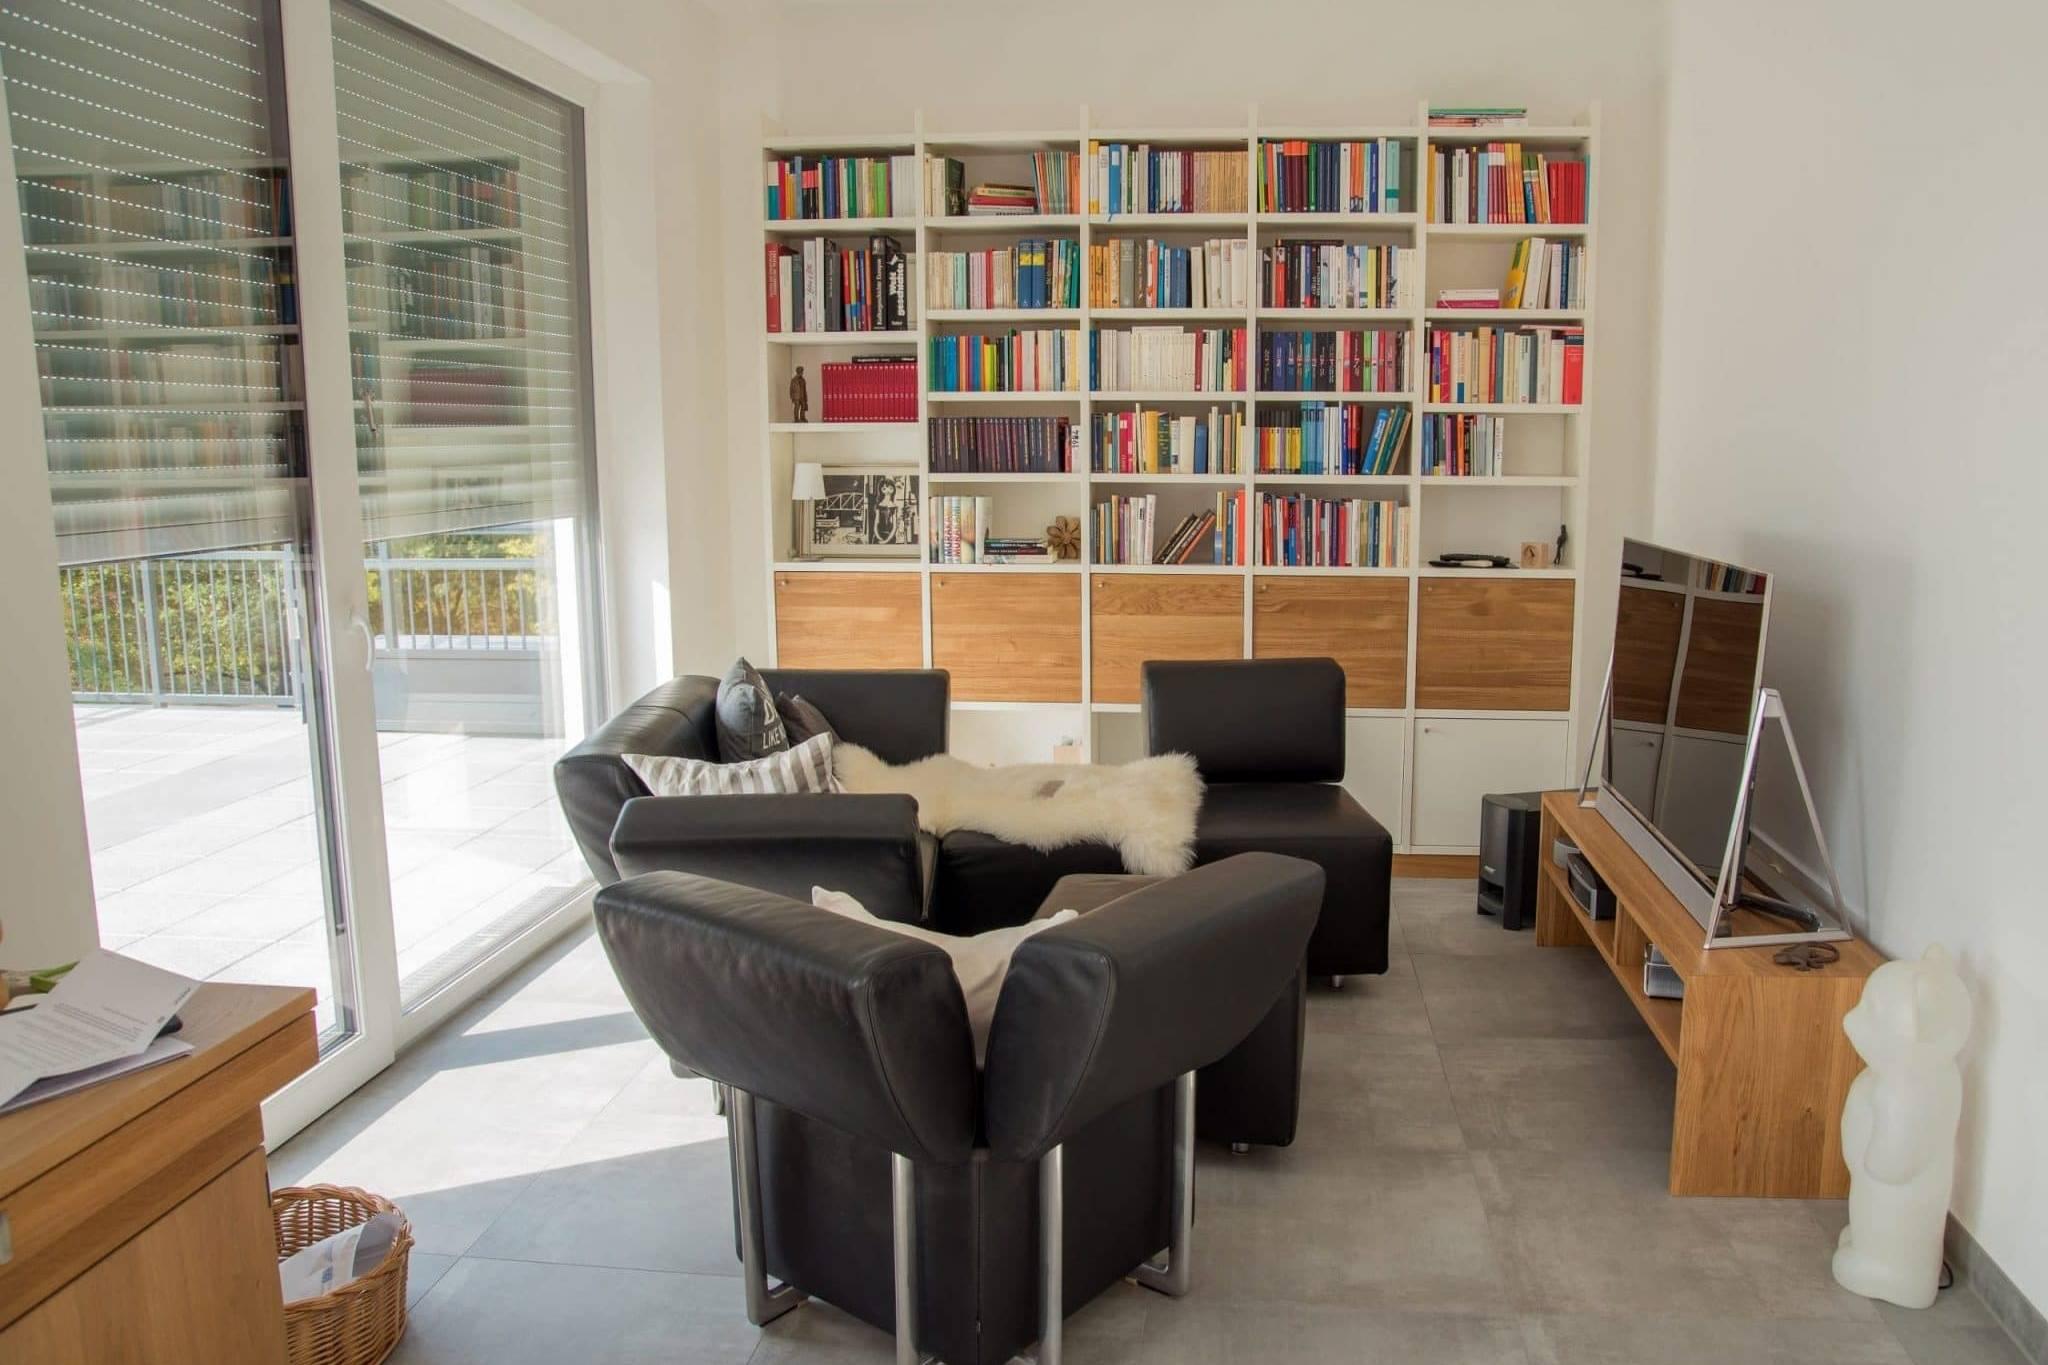 tischlerei-hanses-essen-moebel-handwerk-wohnraum-31